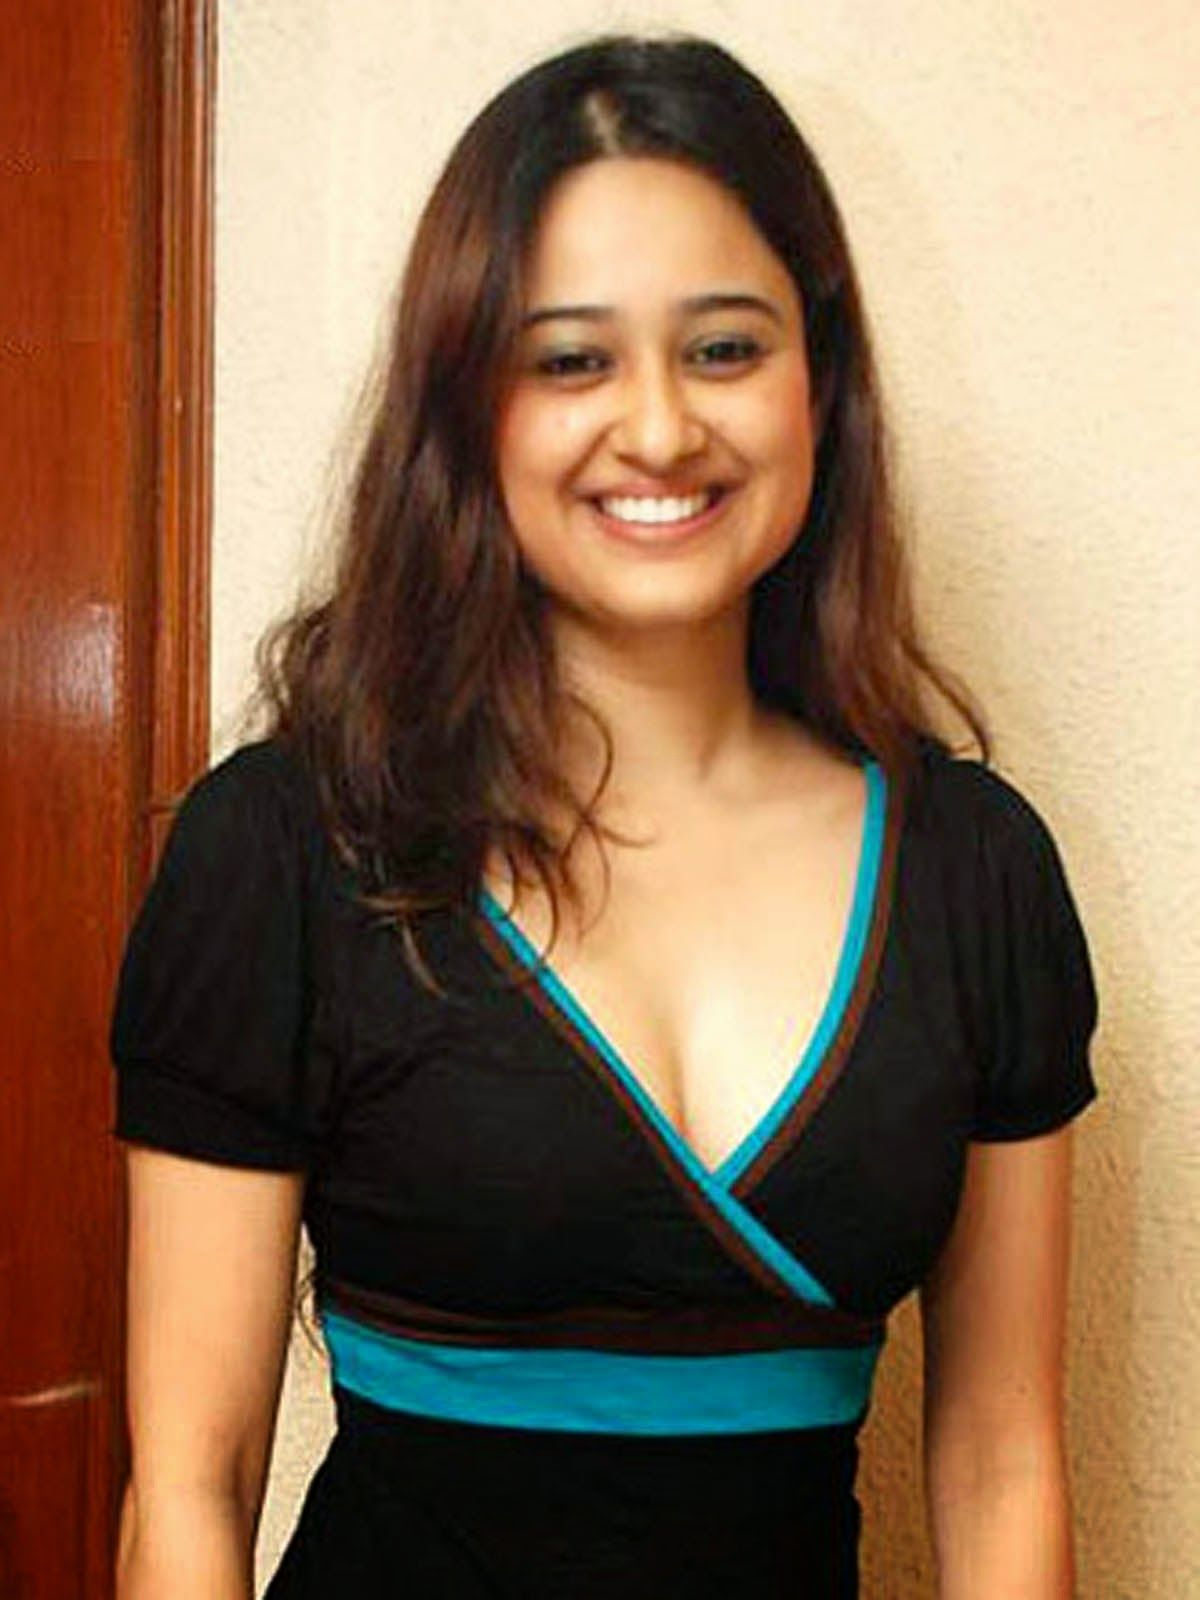 Neha Mehta Sexy Gujarati Movie Actress